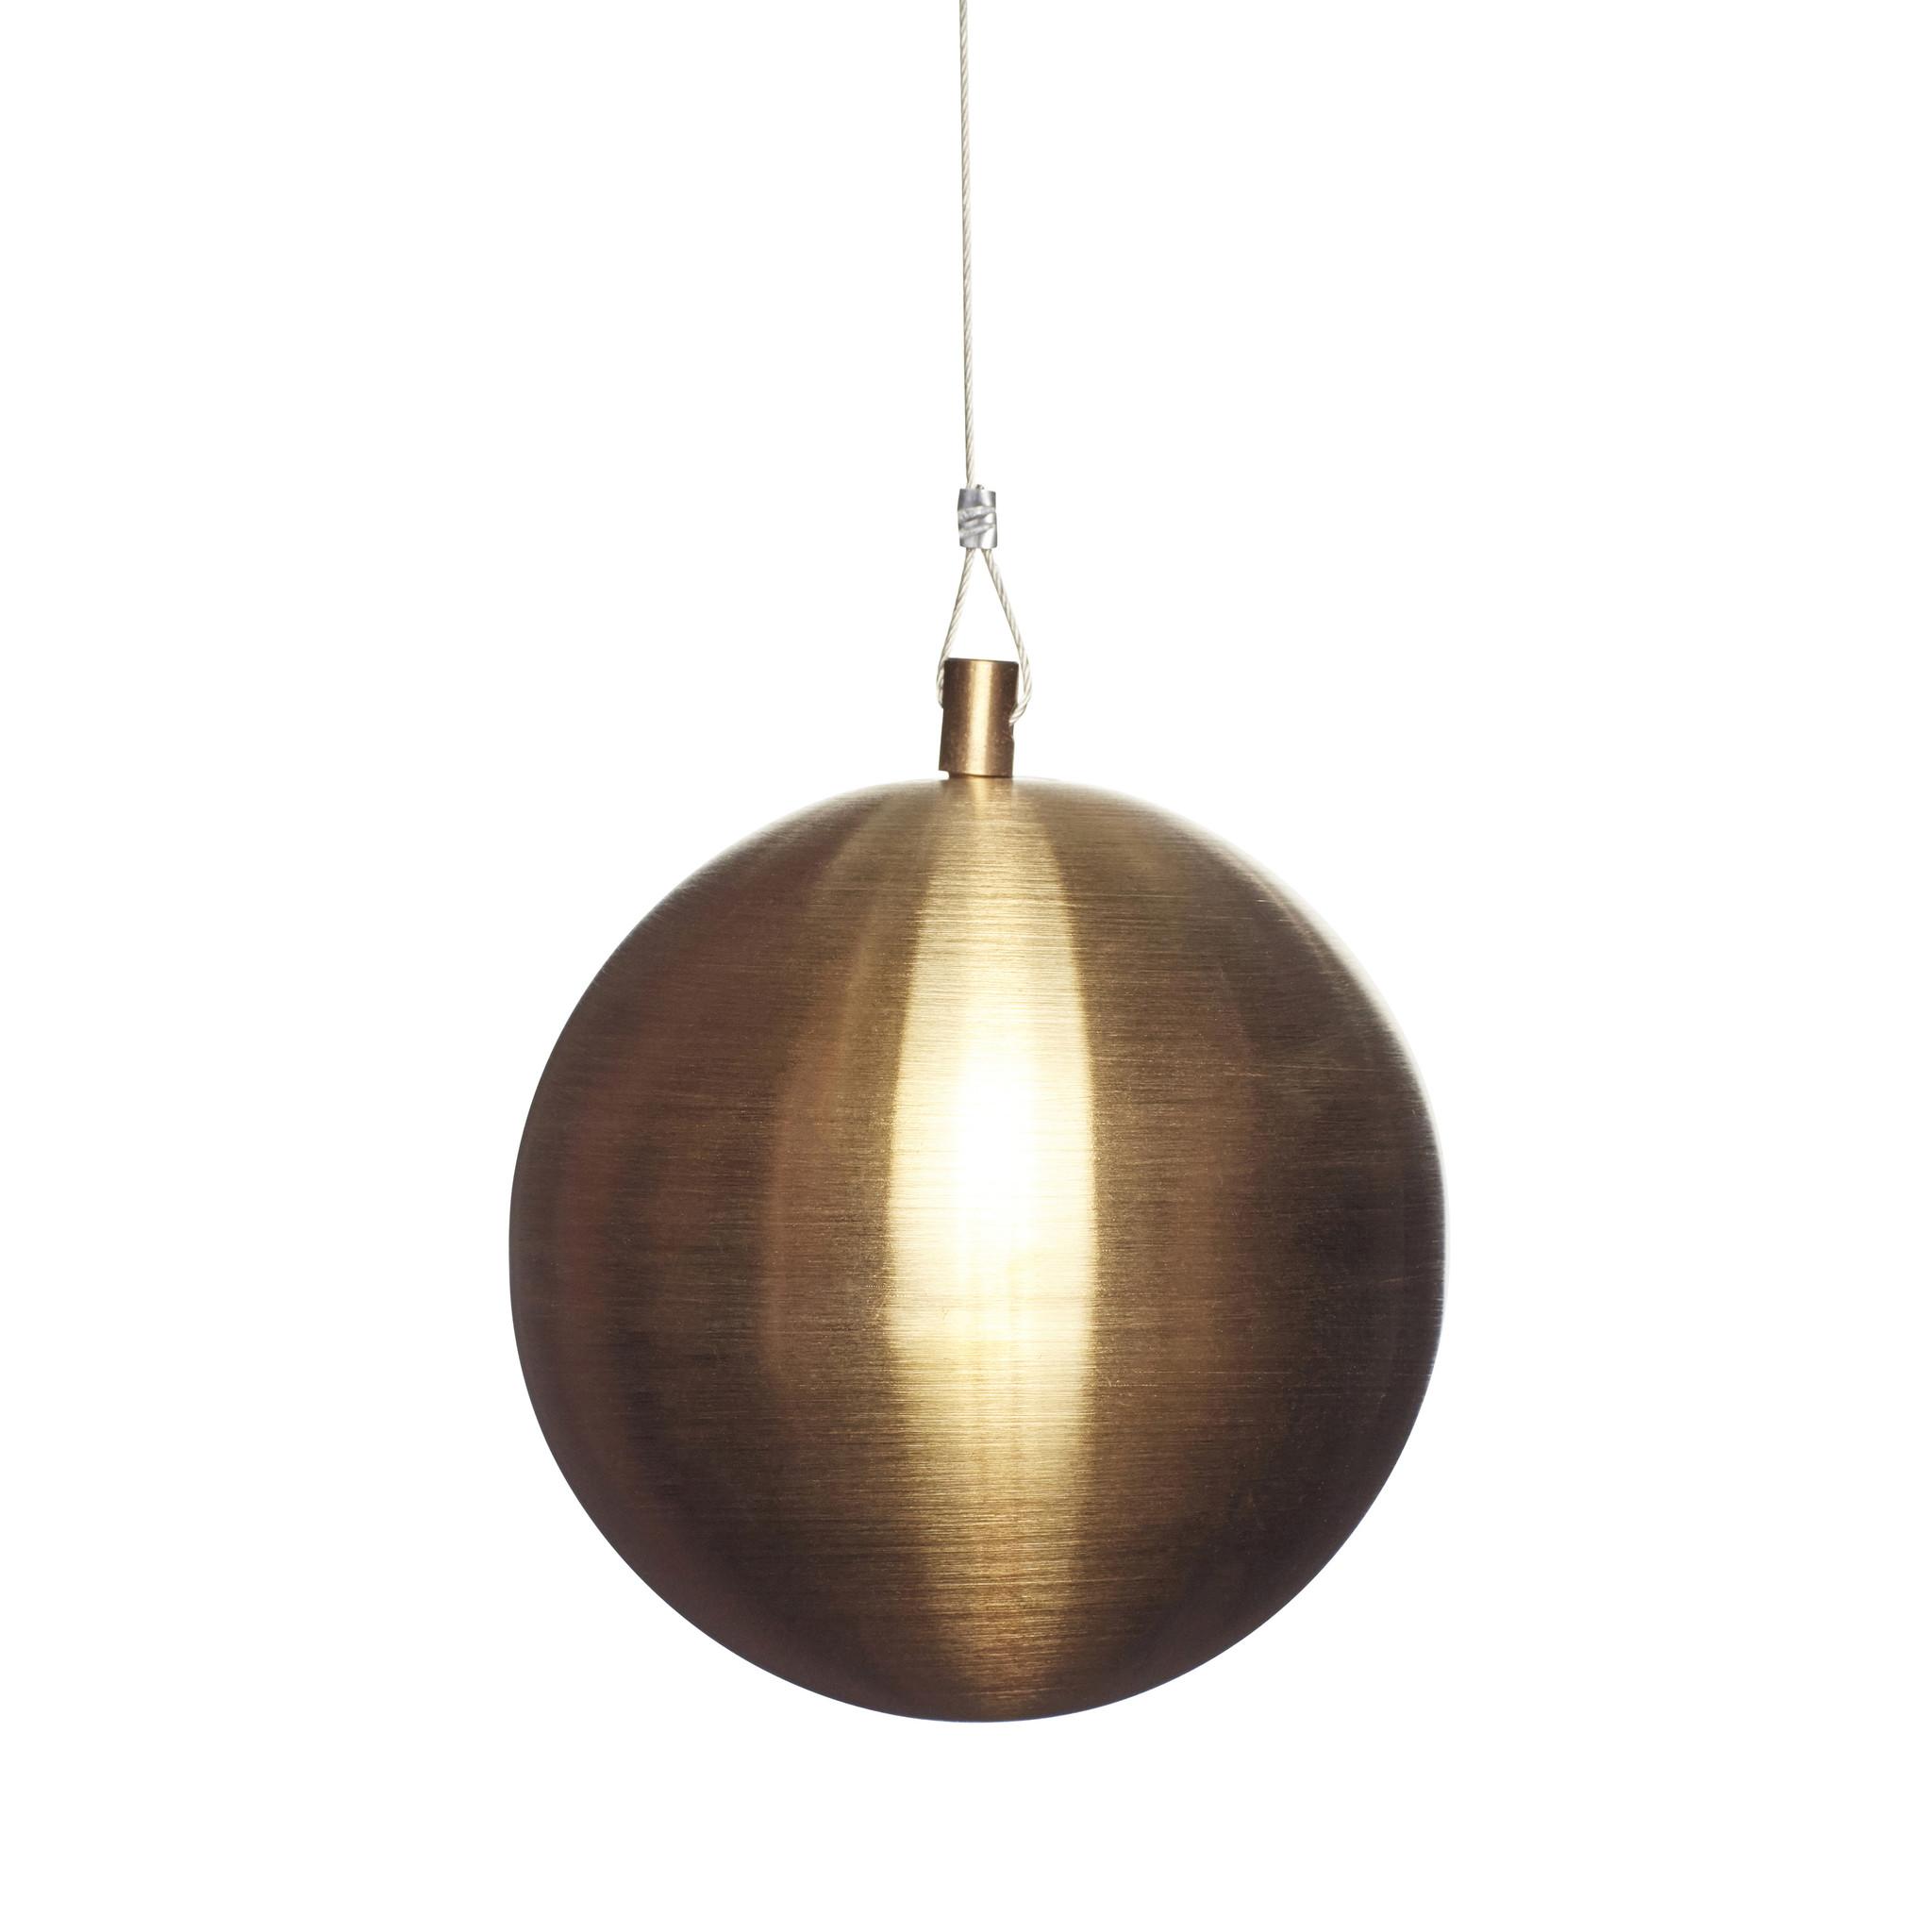 Hubsch Kerstbal, metaal, goud-350910-5712772070765